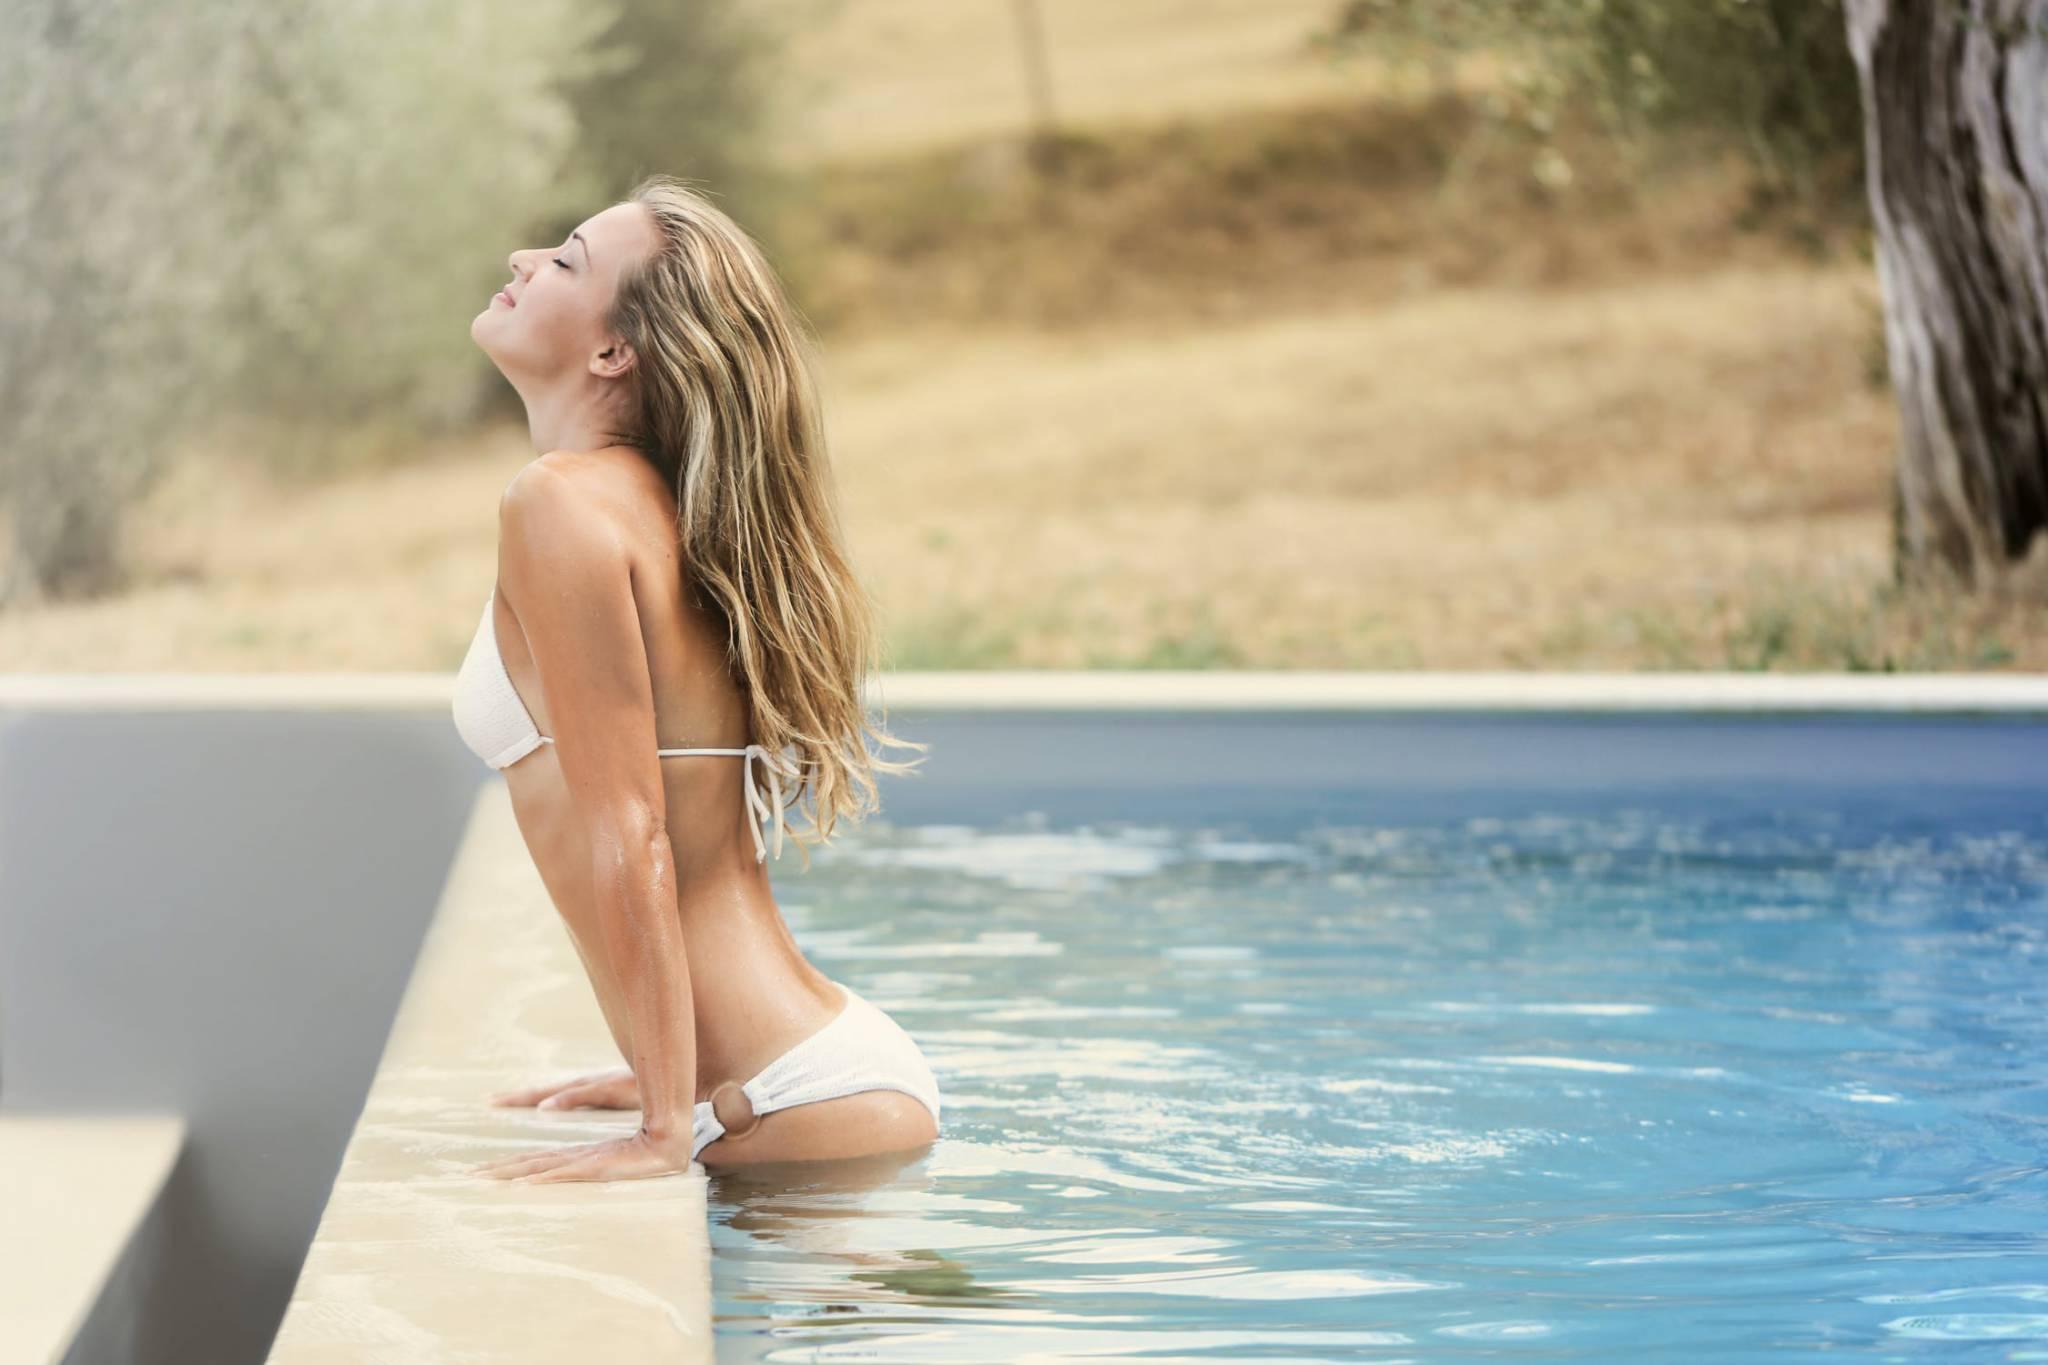 Liposukcja wodna Body Jet - zabieg, którego nie trzeba się bać!